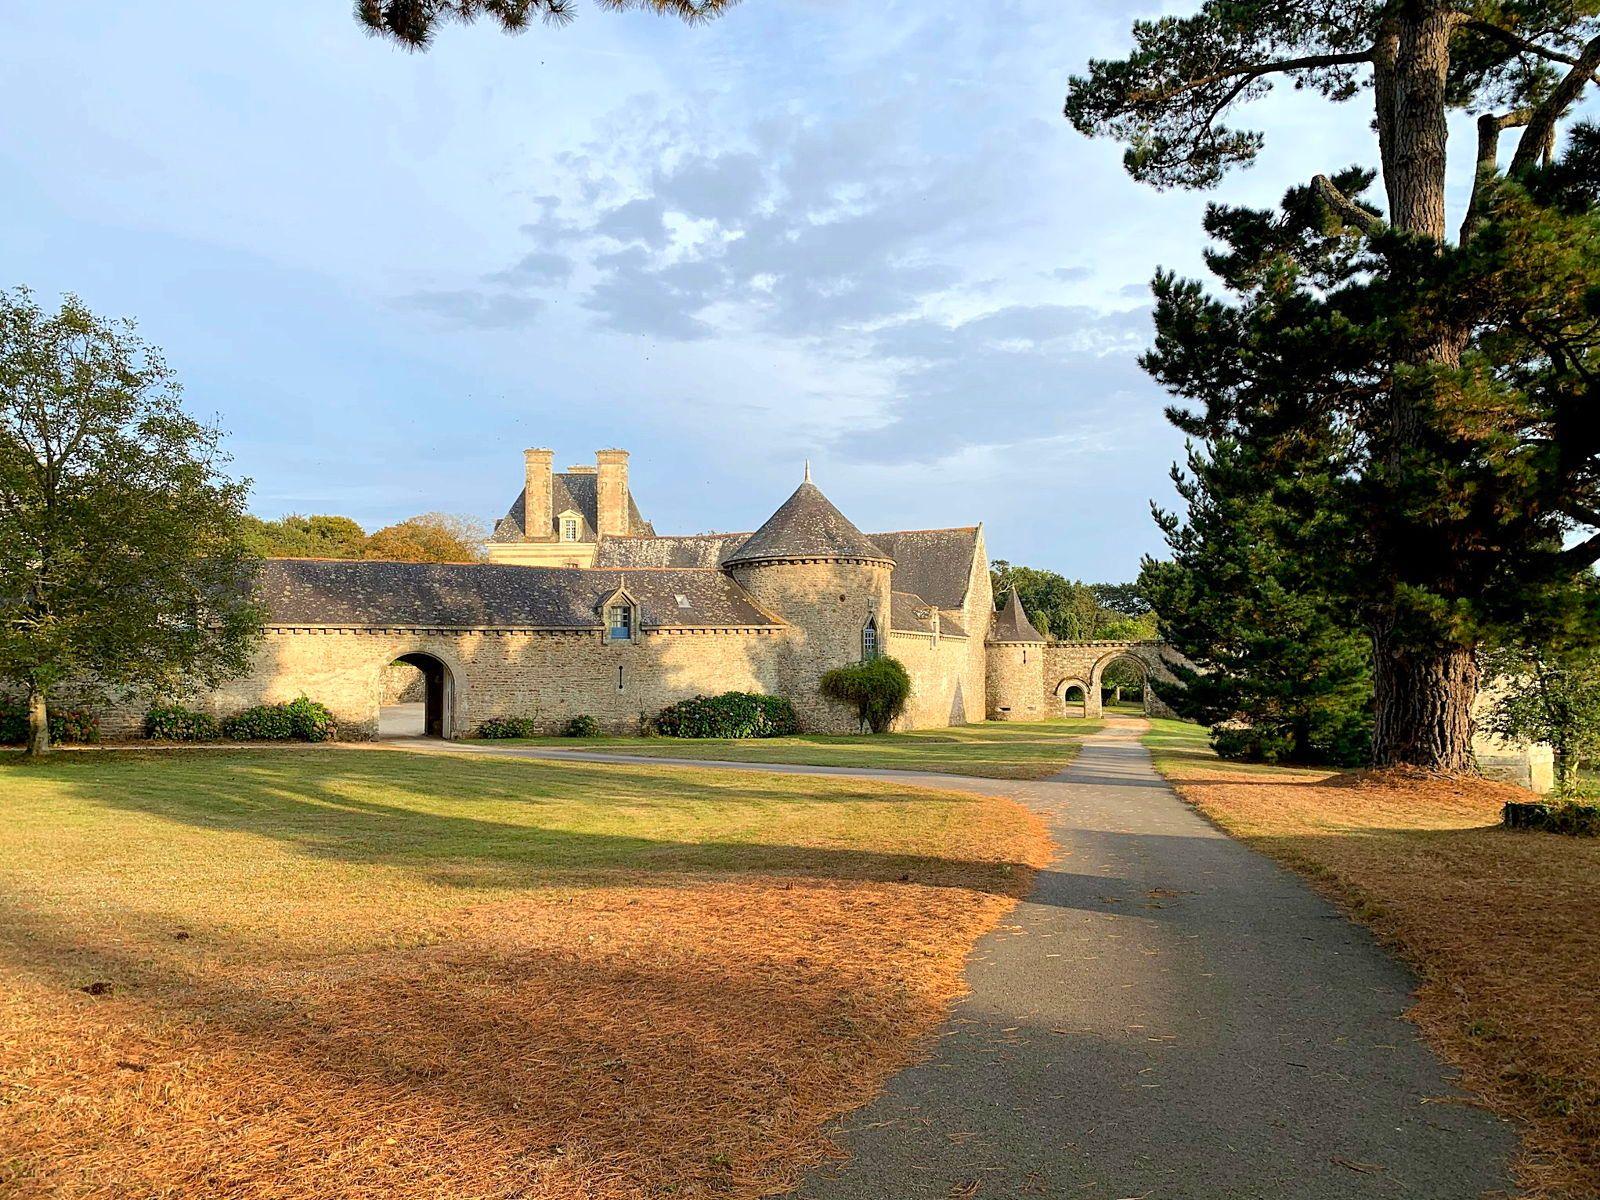 Loue gîte 8couchages à Tremohar (Morbihan) en pleine nature